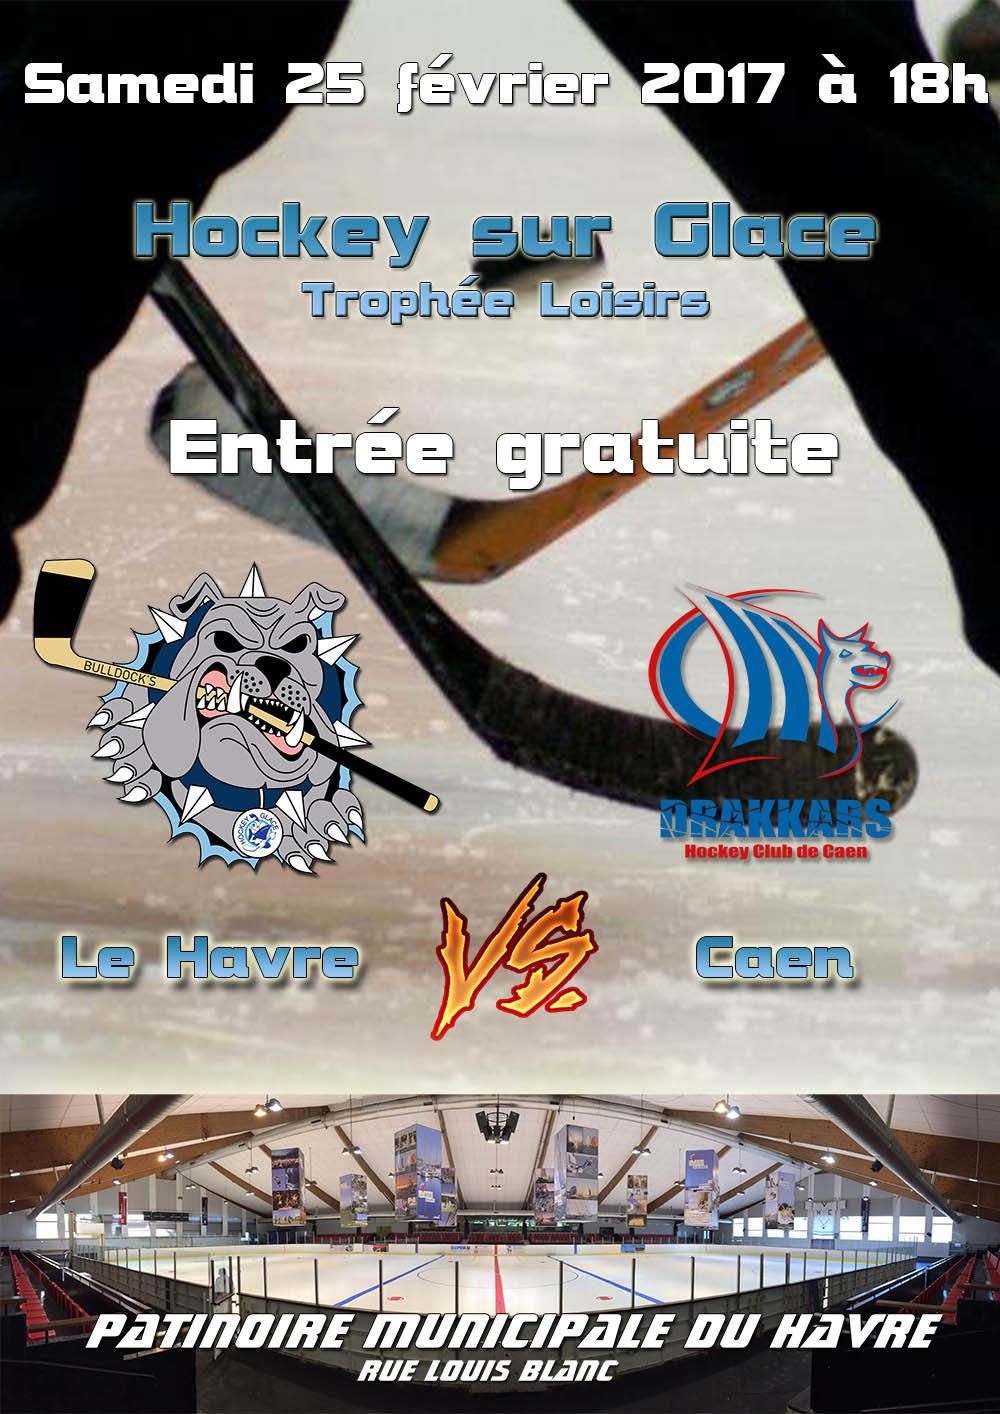 Trophée Loisirs : Poule Haute : Le Havre vs Caen, l'affiche !